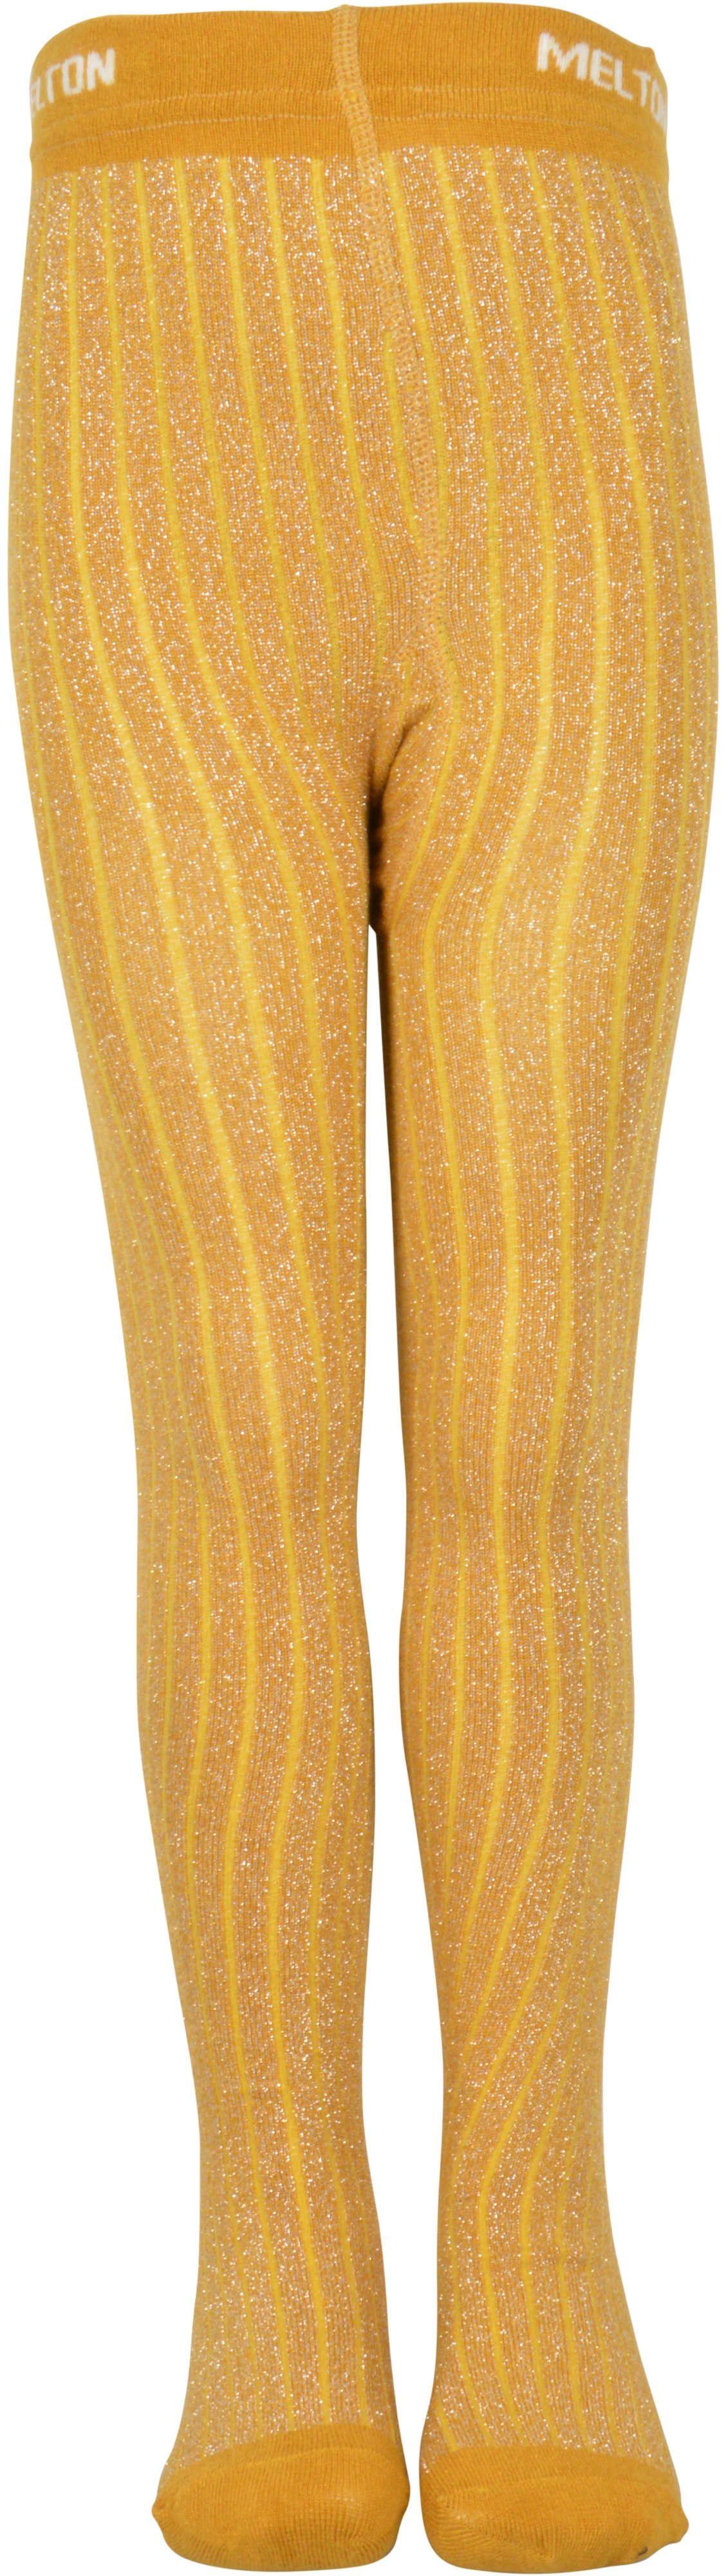 Image of Bambus glimmer strømpebukser fra Melton - Honey mustard (922001-636)